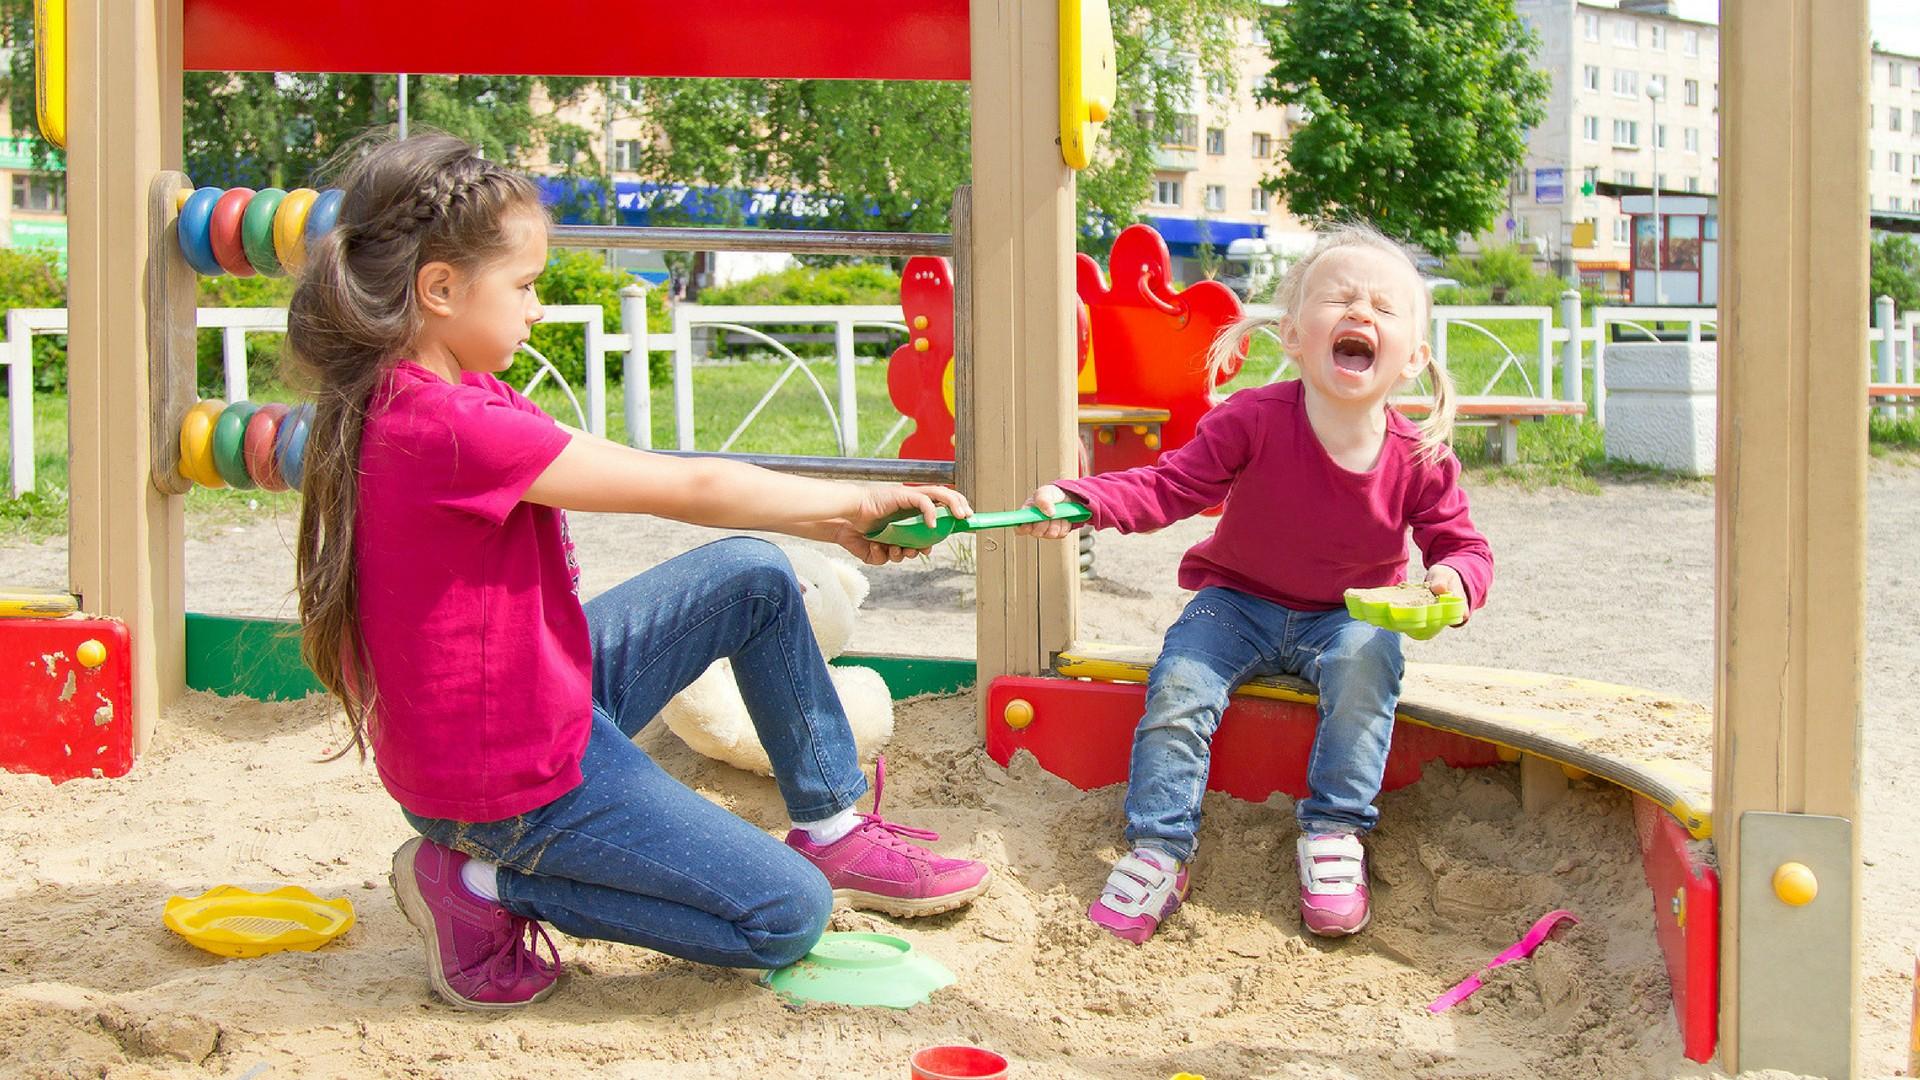 Kinder streiten sich auf dem Spielplatz